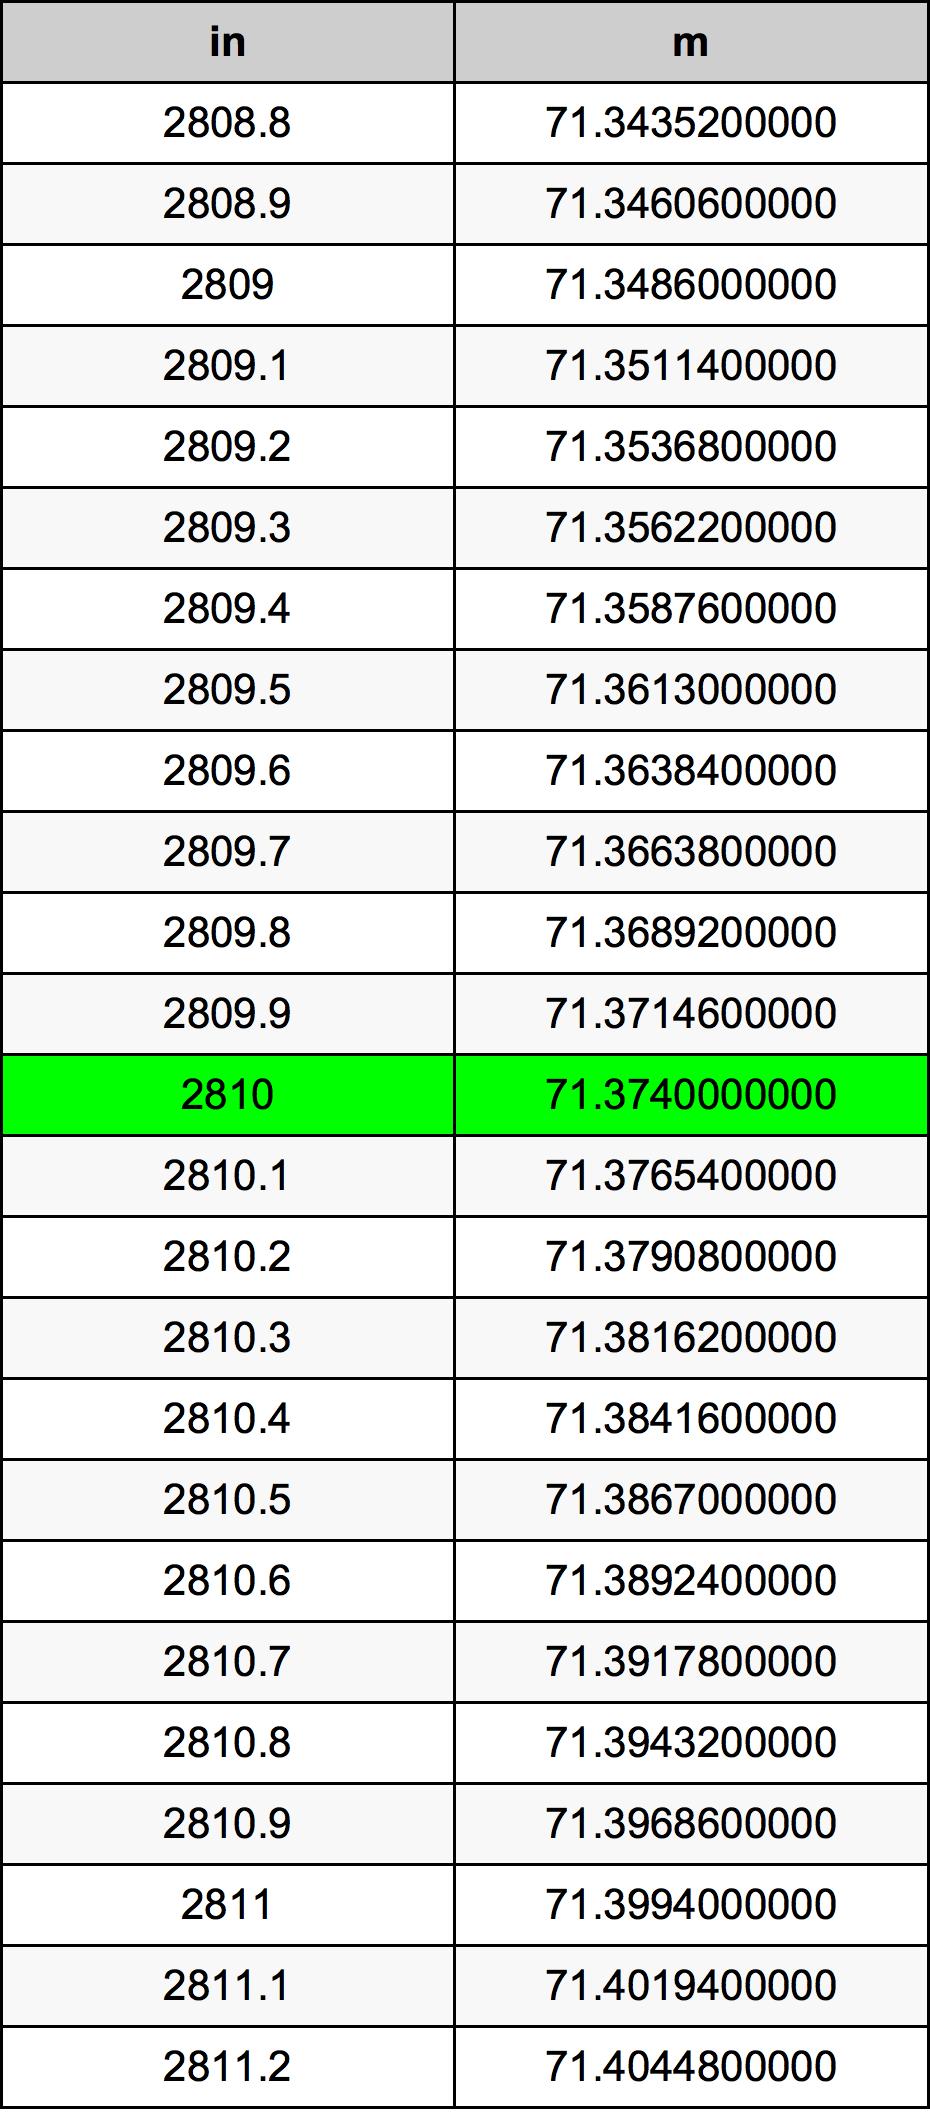 2810 Tomme konverteringstabellen